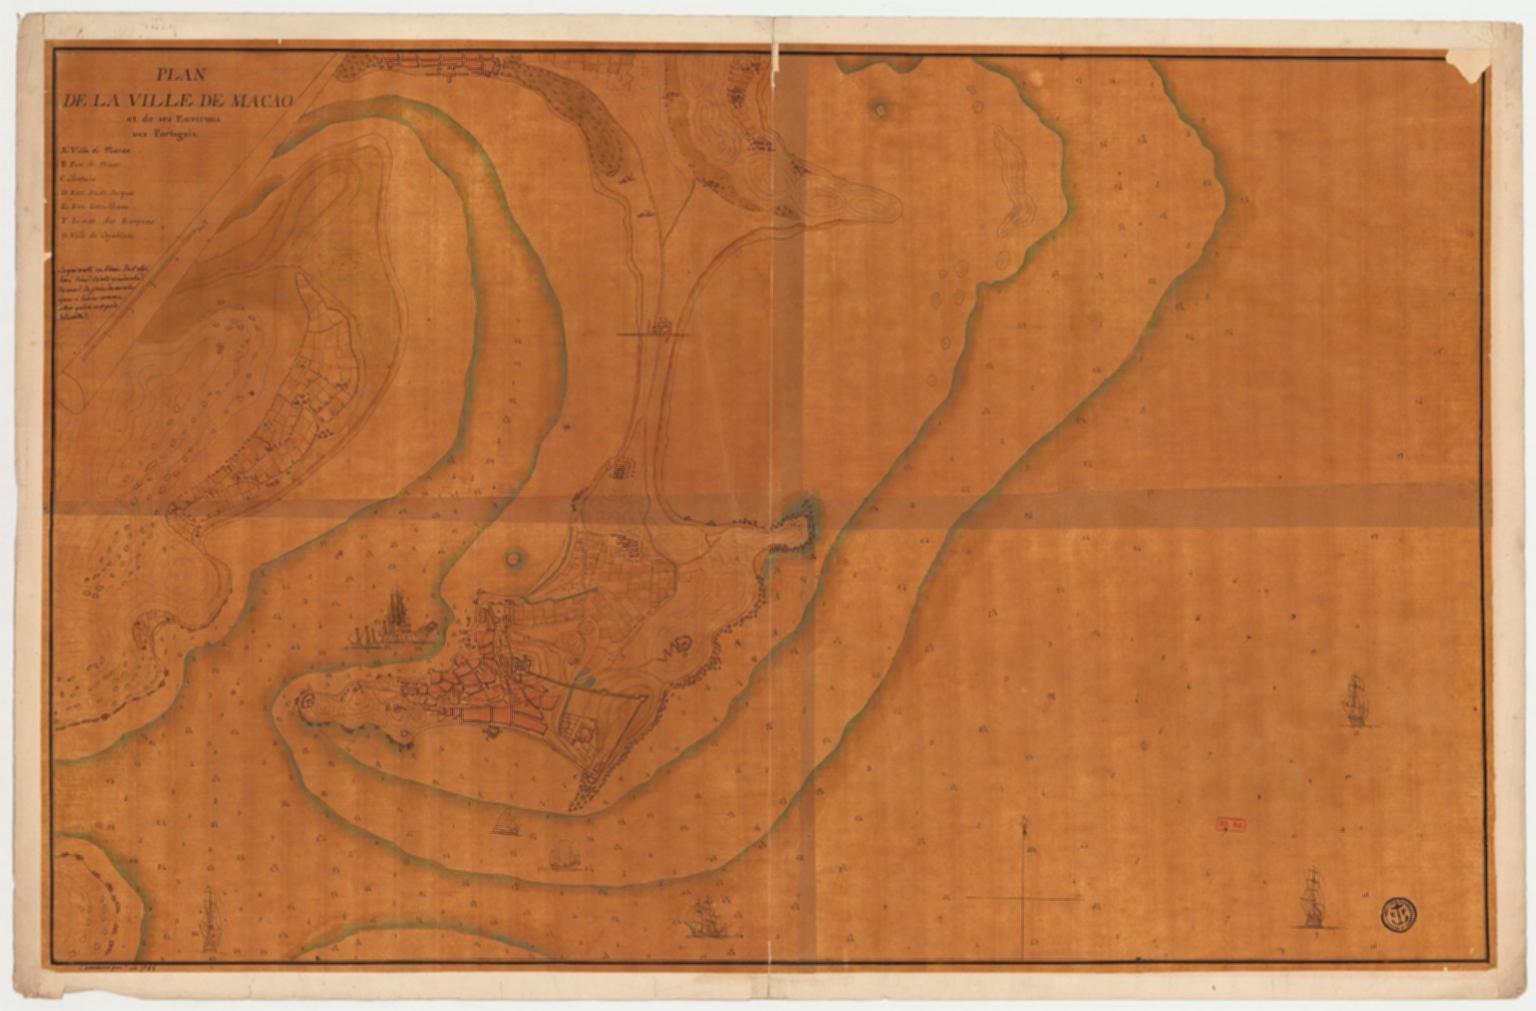 Plan de la ville de Macao et de ses environs aux Portugais